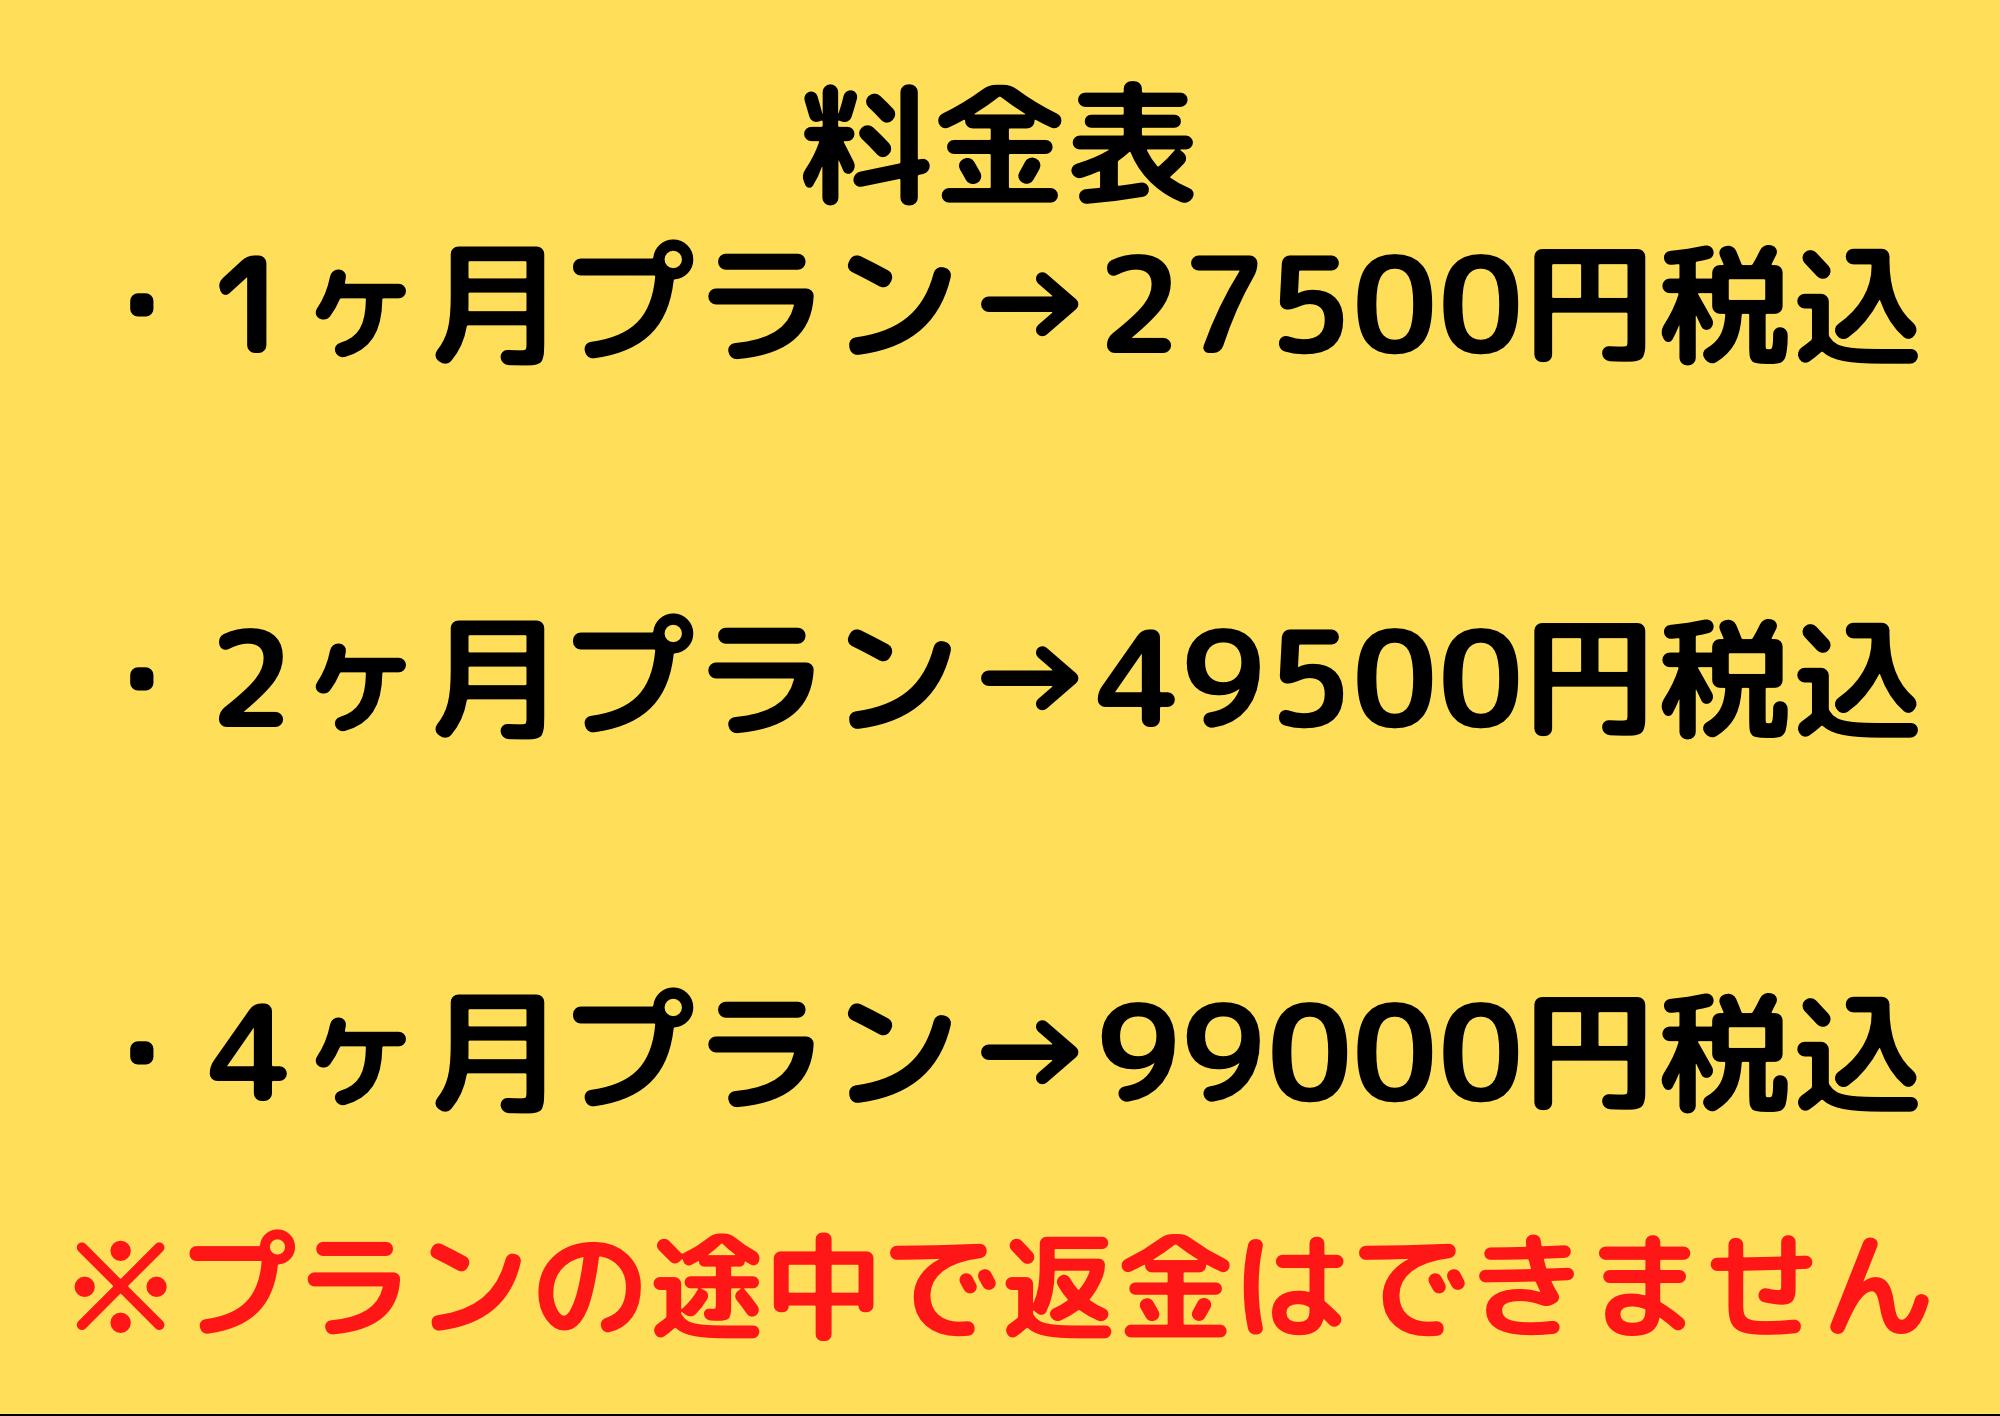 f1fa726c-b4e3-41a5-a446-1f30f65c43cf